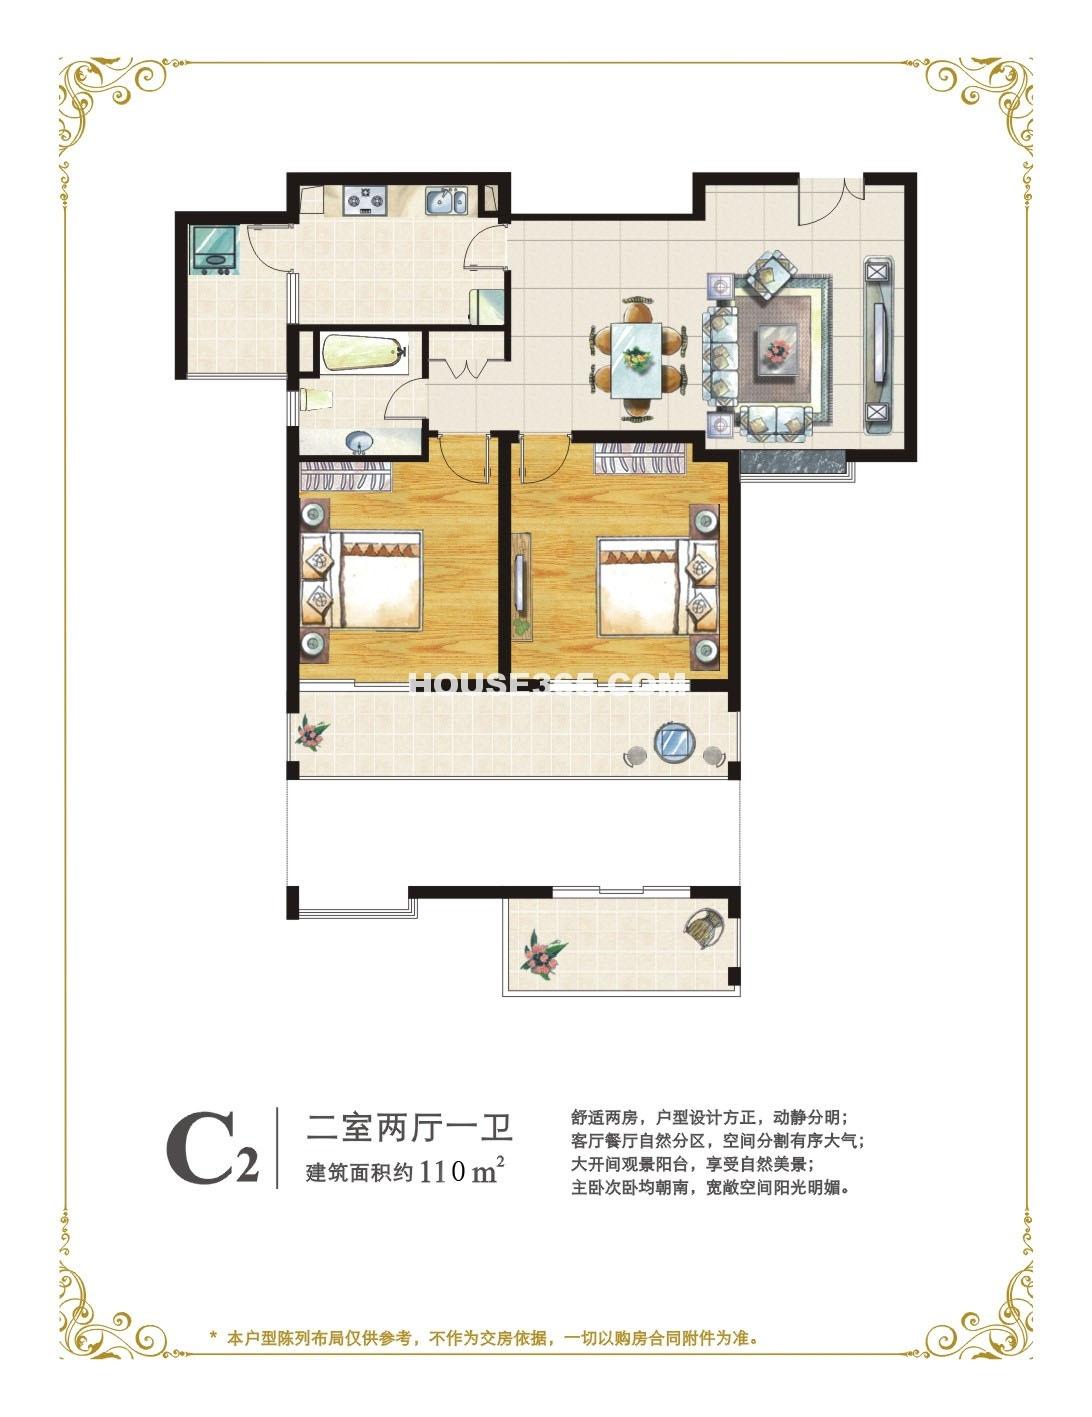 C2户型 115㎡ 2室2厅1卫